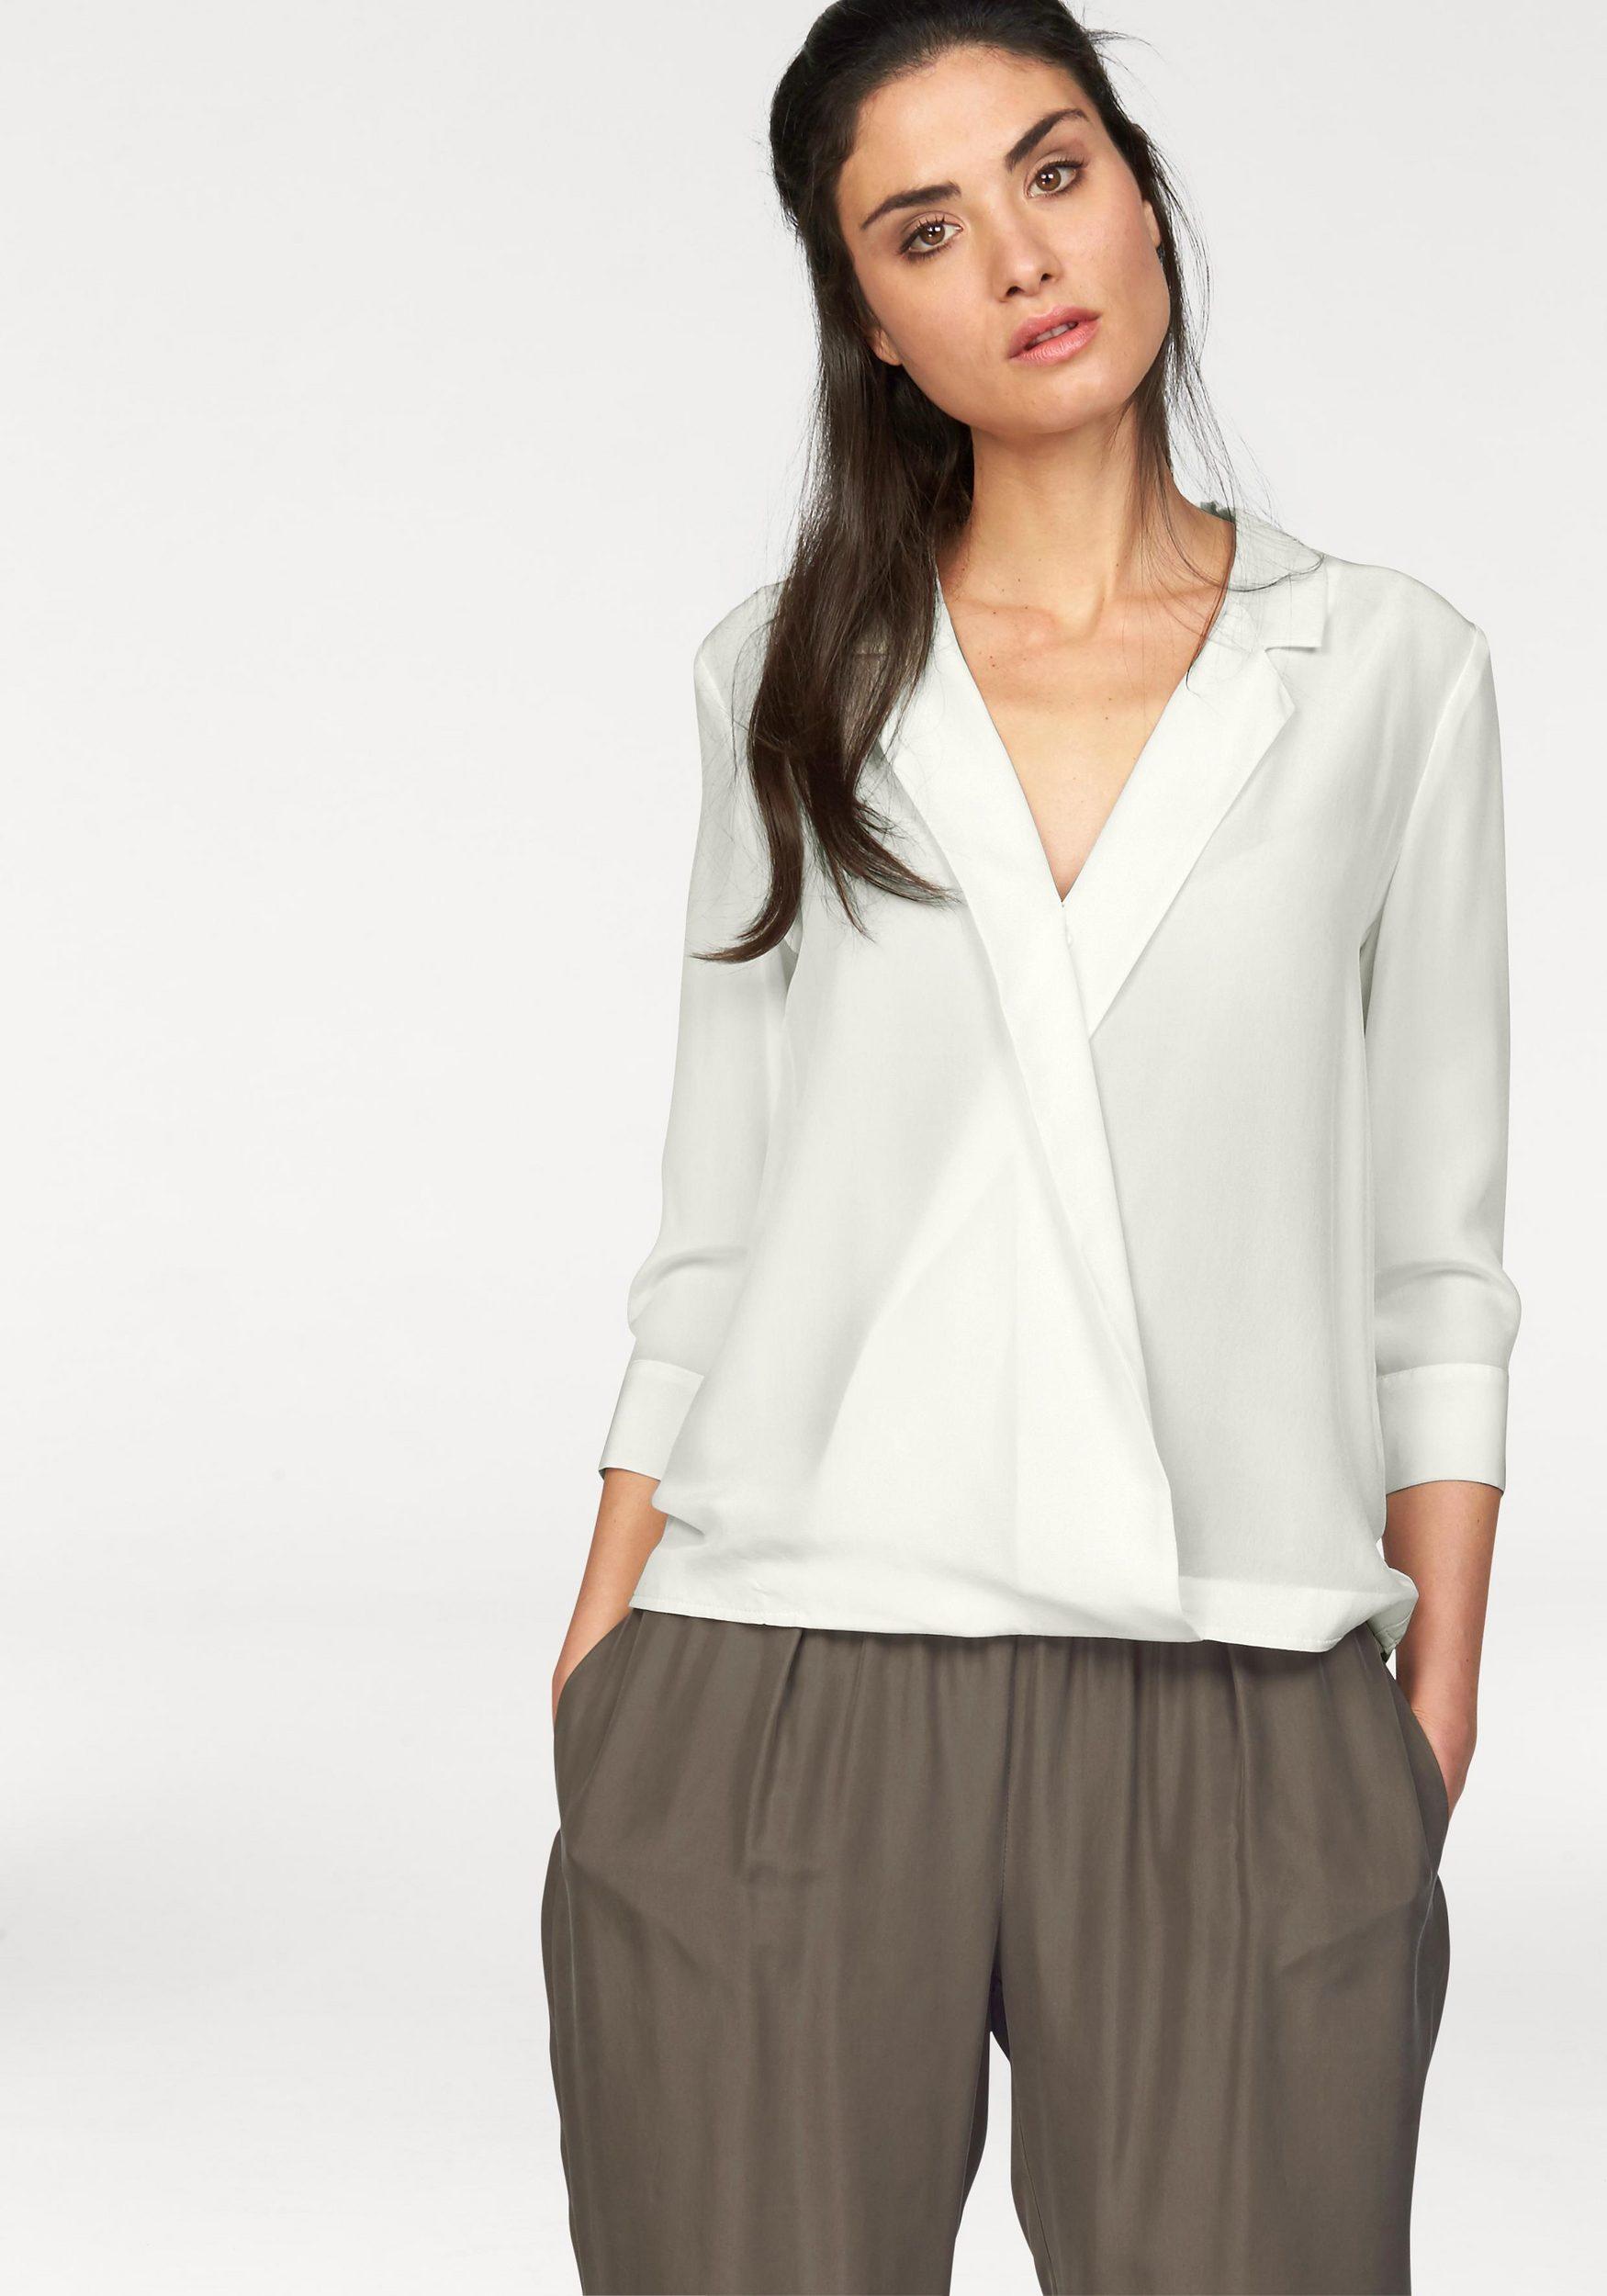 Otto bluse stefanel minimalistischer kleiderschrank for Minimalistischer kleiderschrank